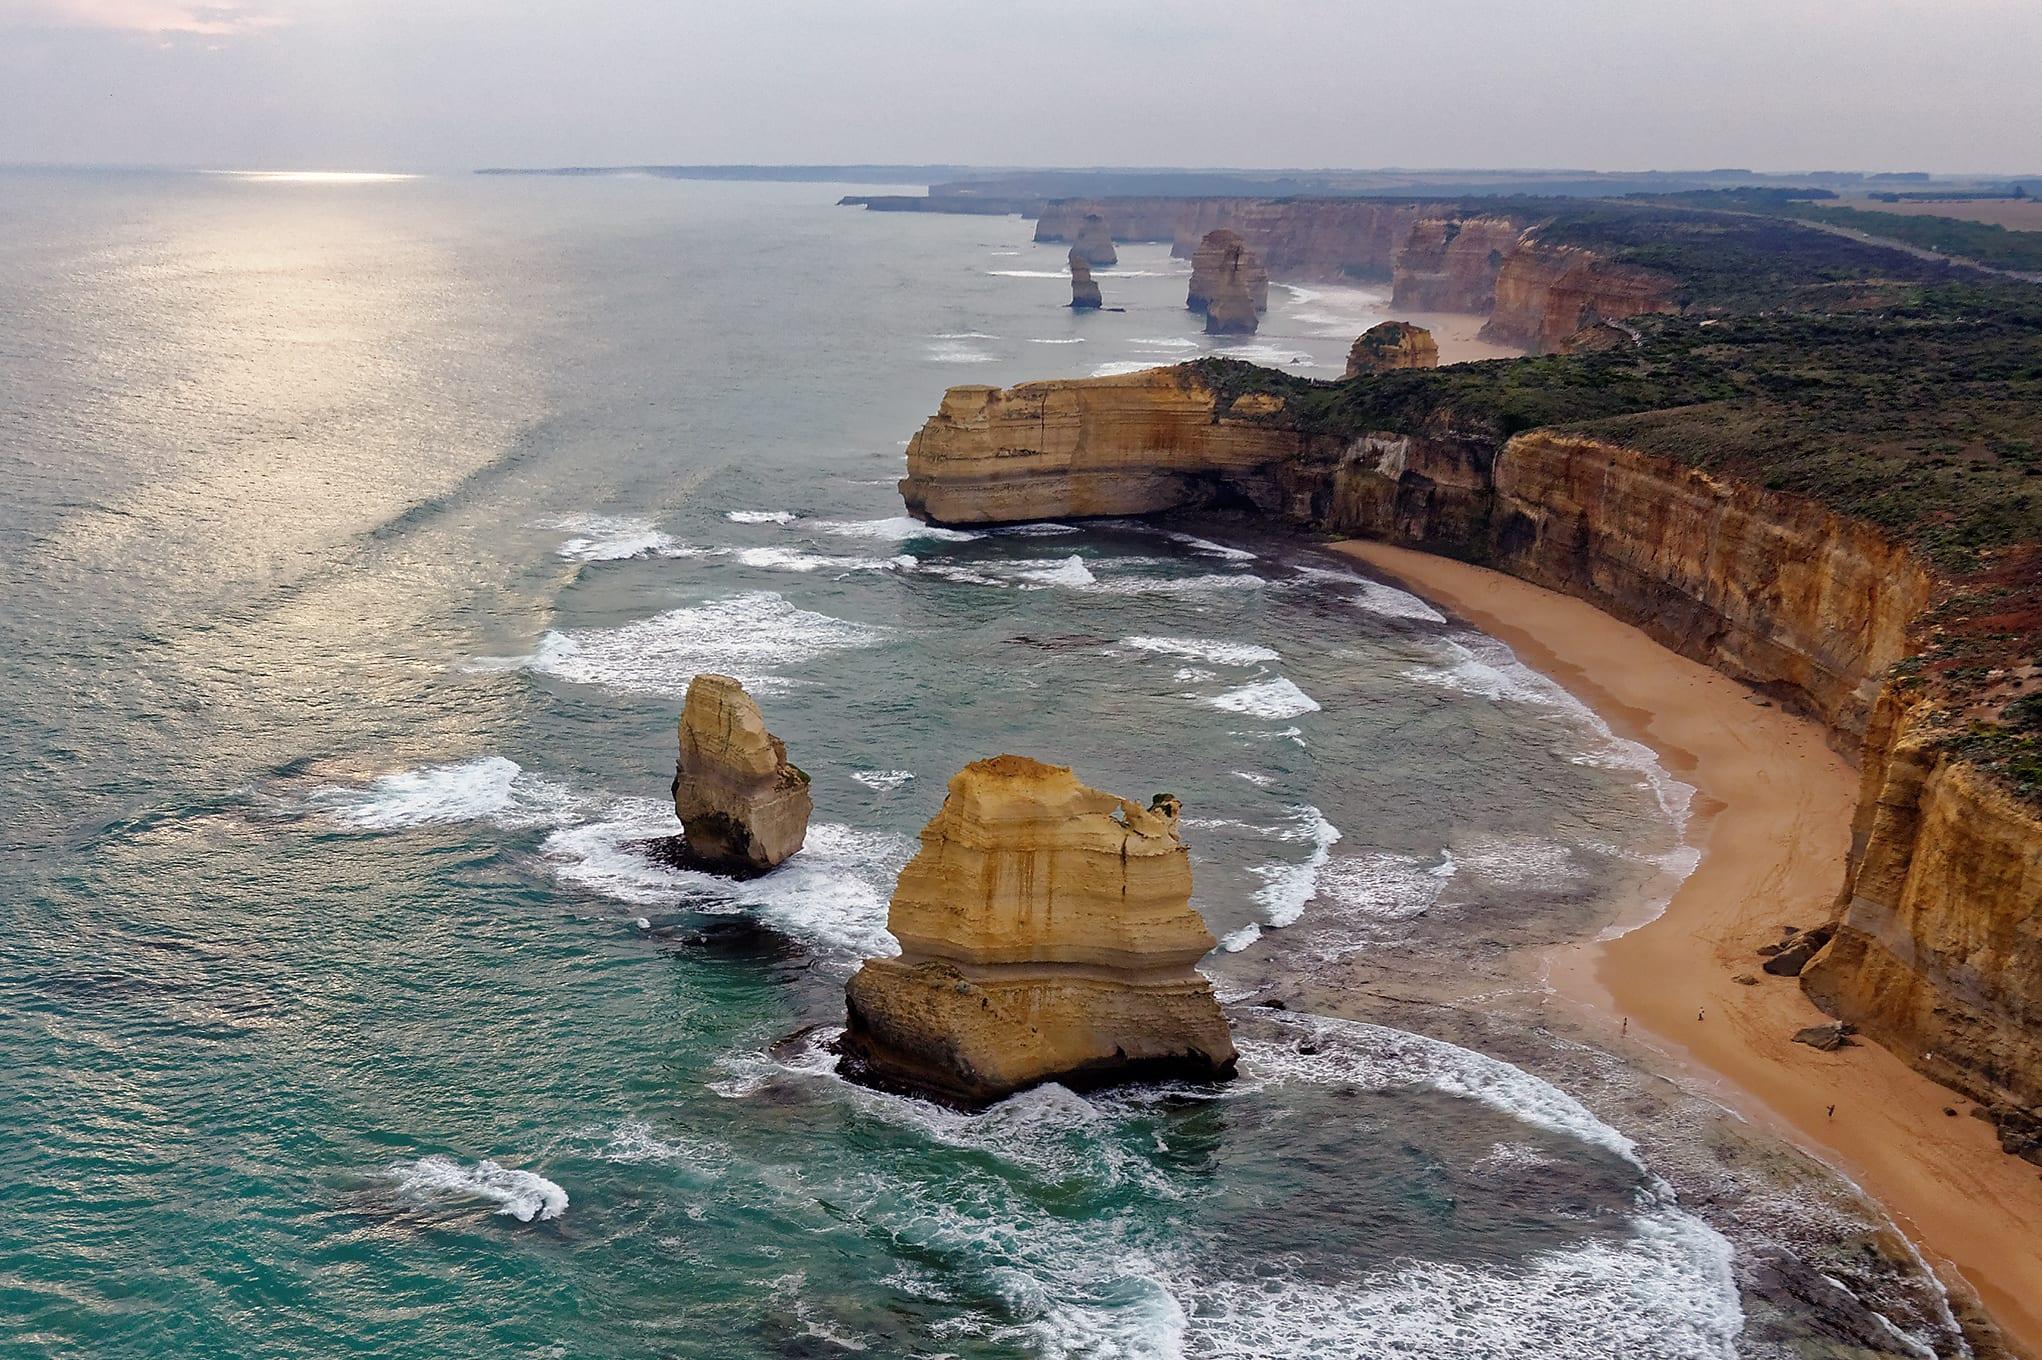 เที่ยวออสเตรเลีย, เที่ยวทะเล, ทะเลสวยๆ